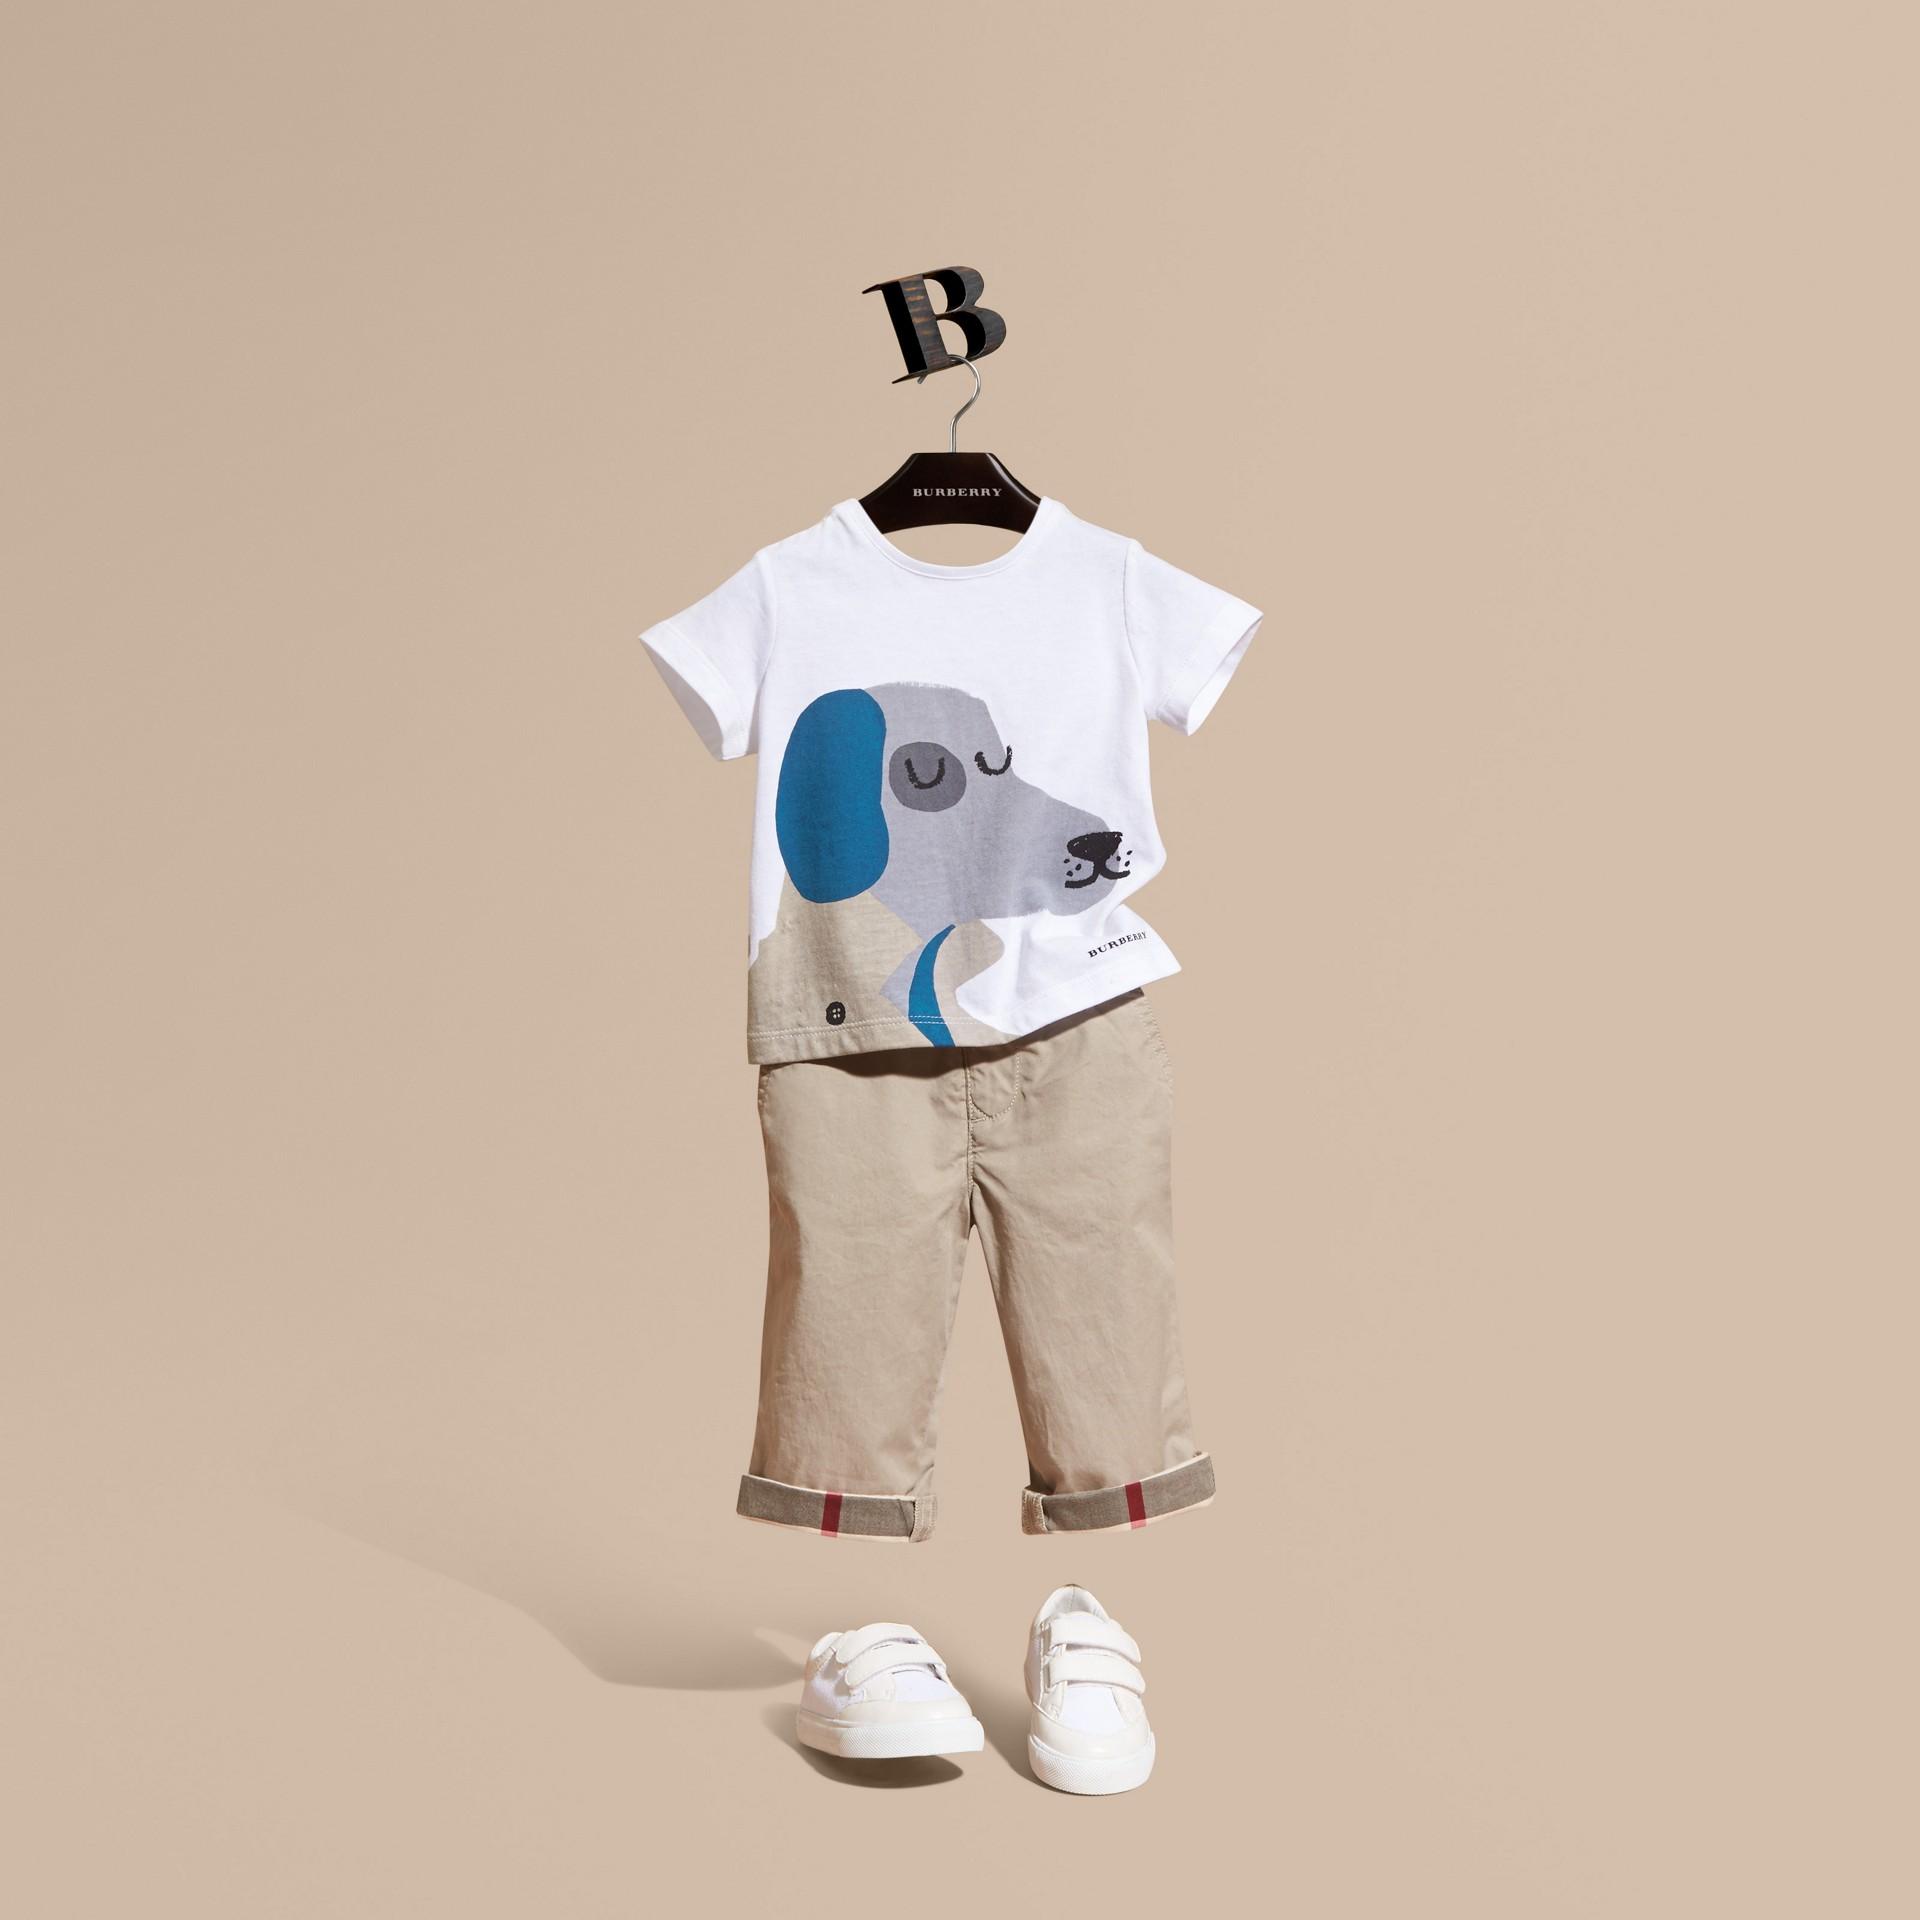 Bianco T-shirt in cotone con cane - immagine della galleria 1